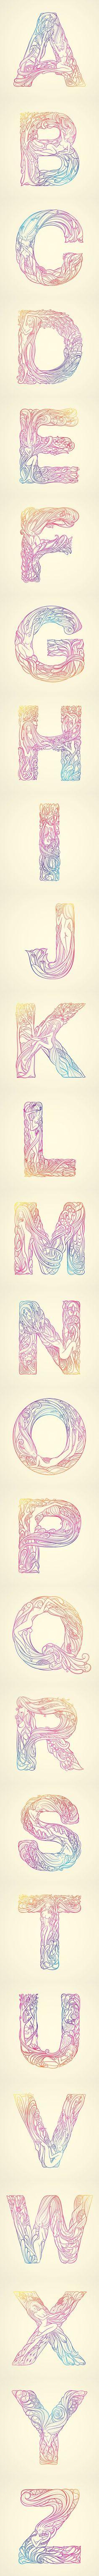 rainbow type